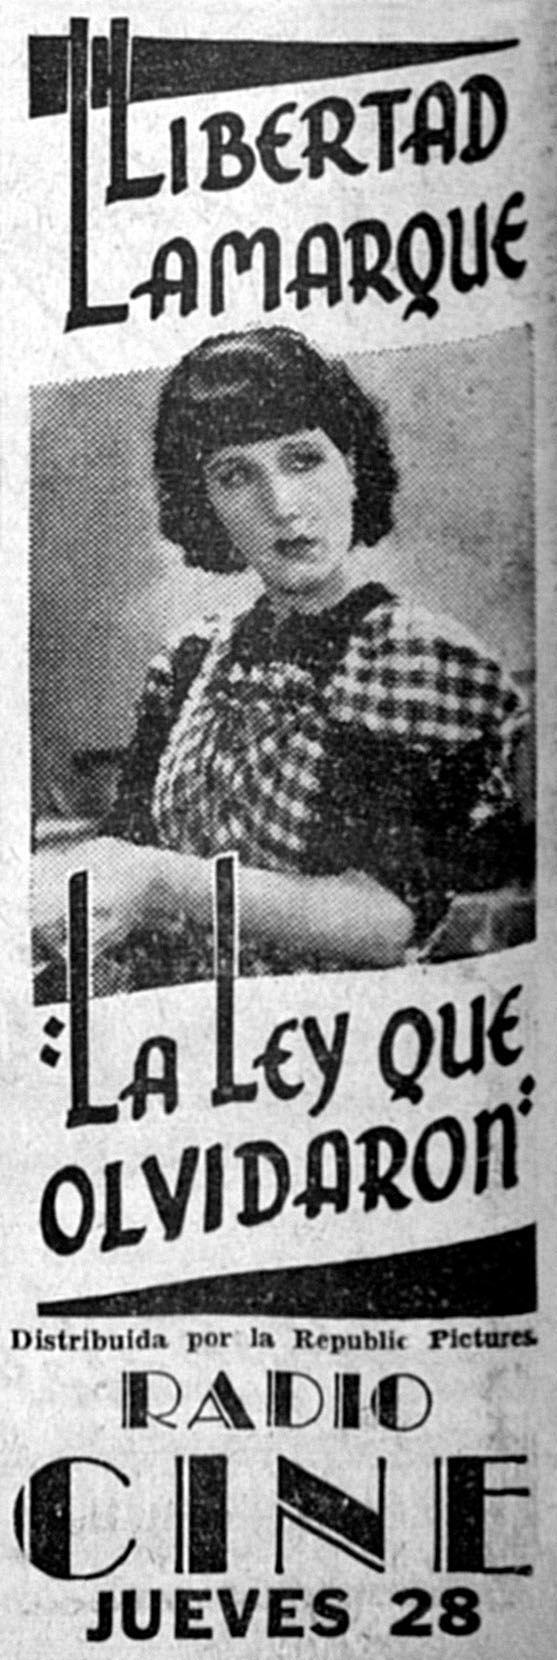 1937 - LA LEY QUE OLVIDARON - José A. Ferreyra - (DIARIO DE LA MARINA, Lunes 25 de Abril de 1938, La Habana, Cuba)